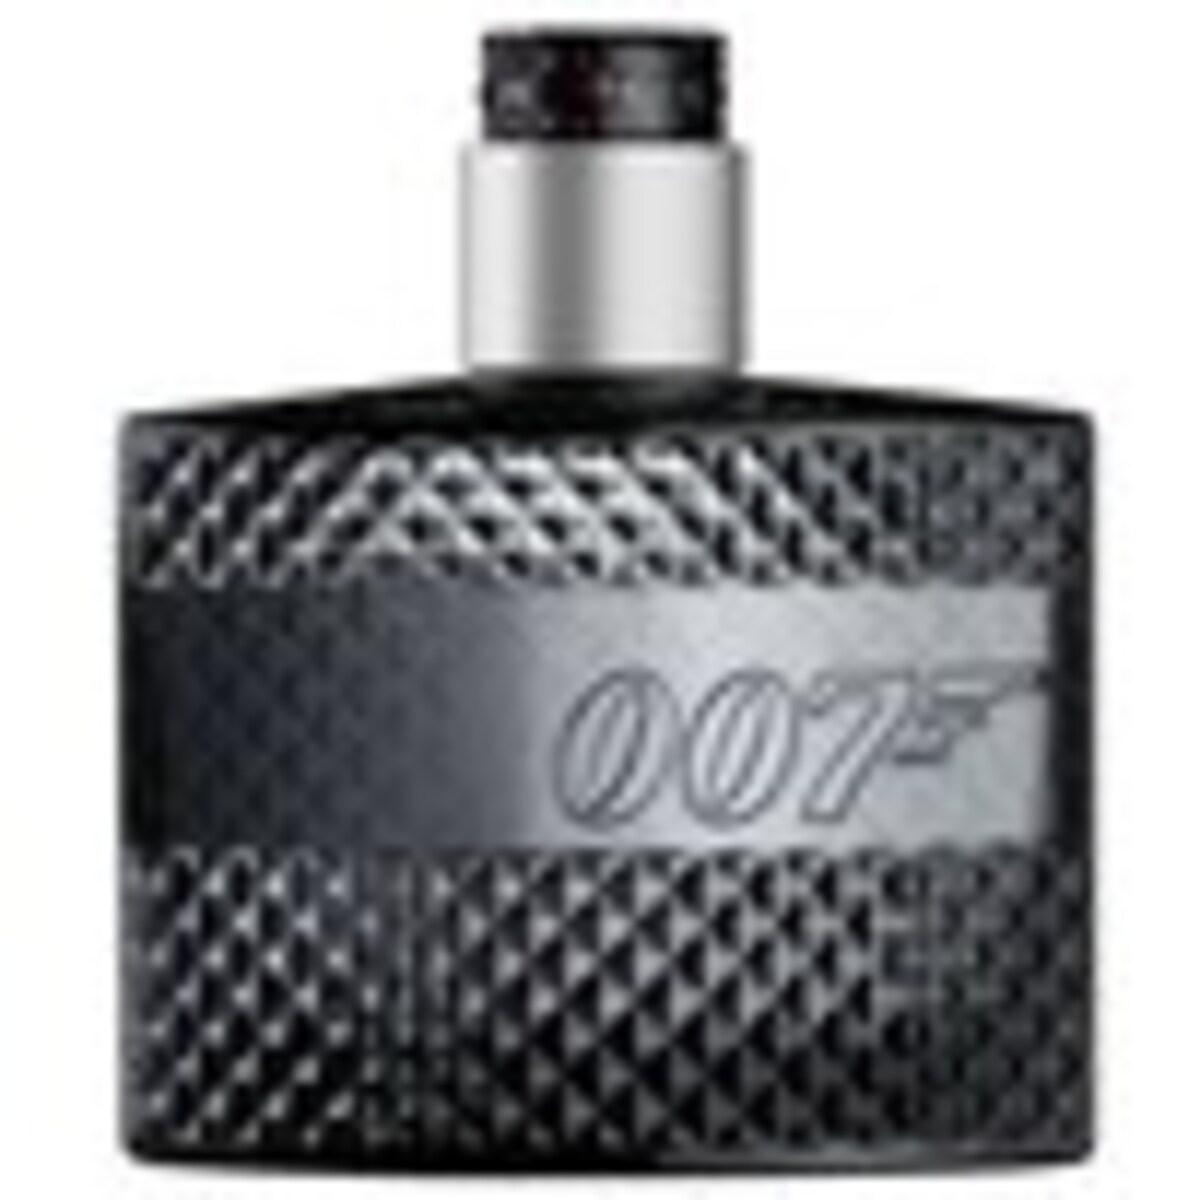 Bild 1 von James Bond 007 James Bond 007  Eau de Toilette (EdT) 50.0 ml